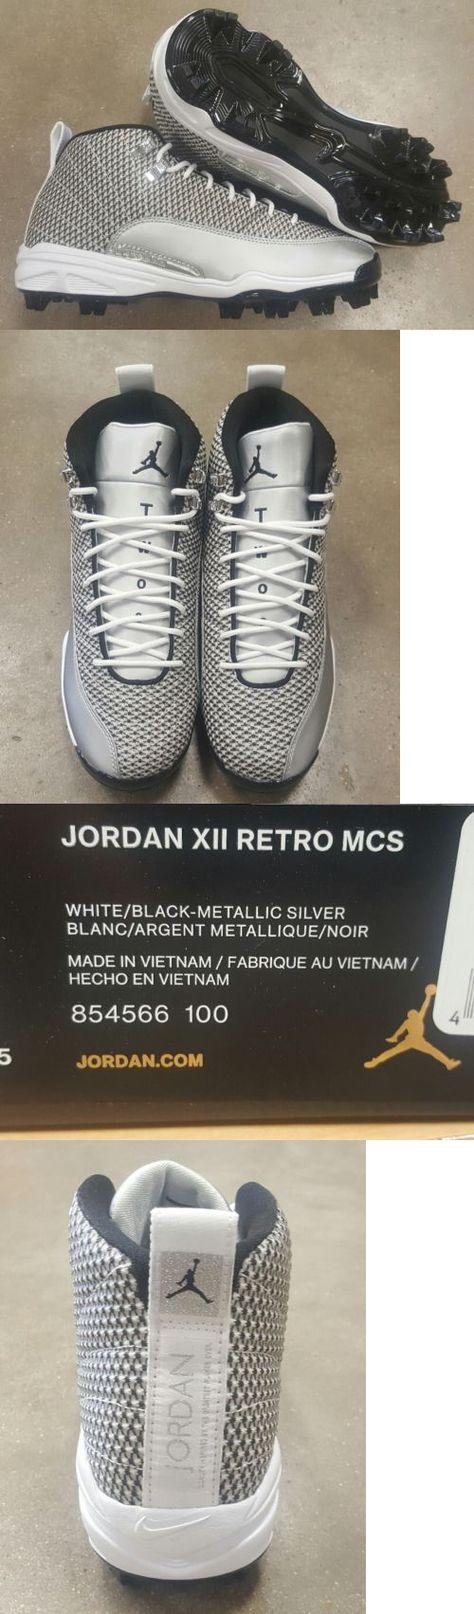 1b90e24d8c7 ... Mens 159059 Nike Air Jordan Retro 12 Xii Mcs Molded Baseball Cleats Silver  Black White Nwb ...